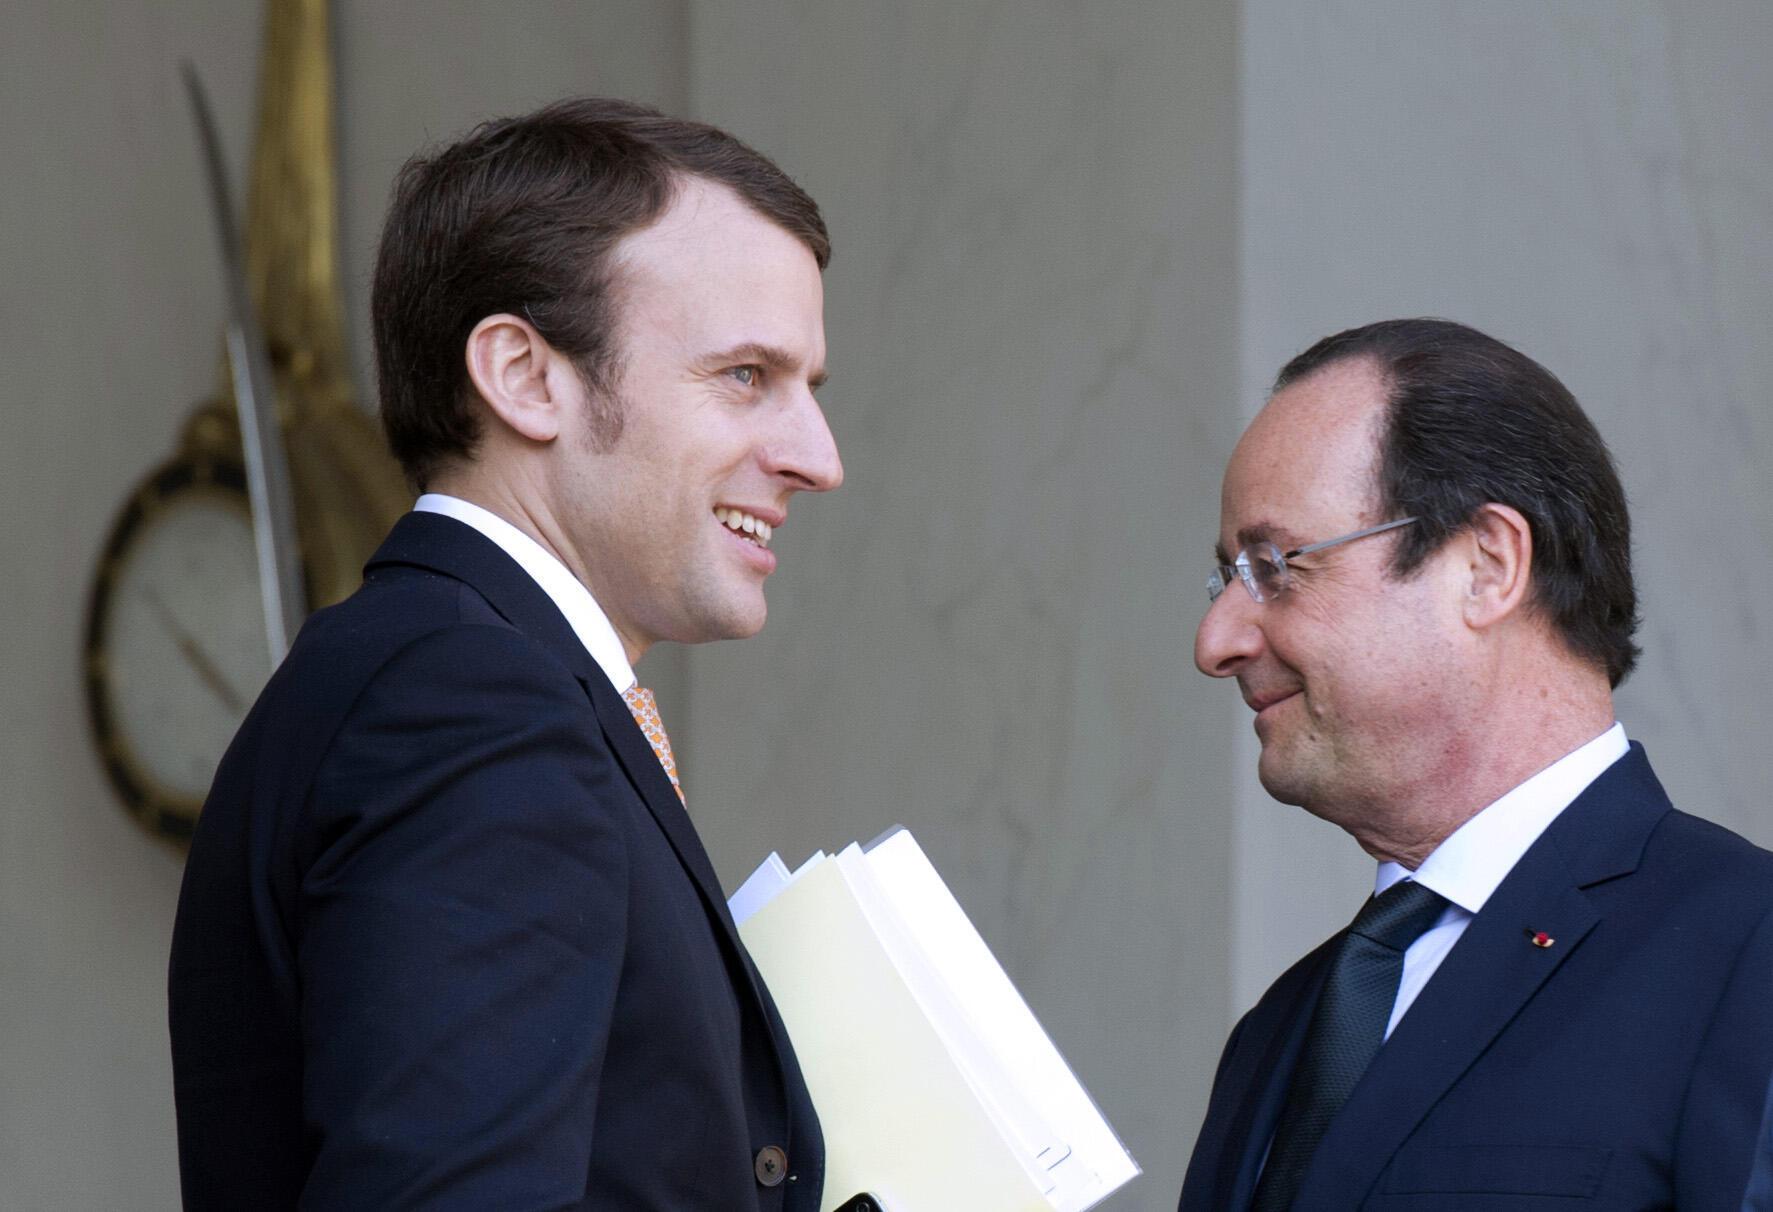 Emmanuel Macron, ici avec François Hollande, avait quitté son poste à l'Elysée en juin dernier.